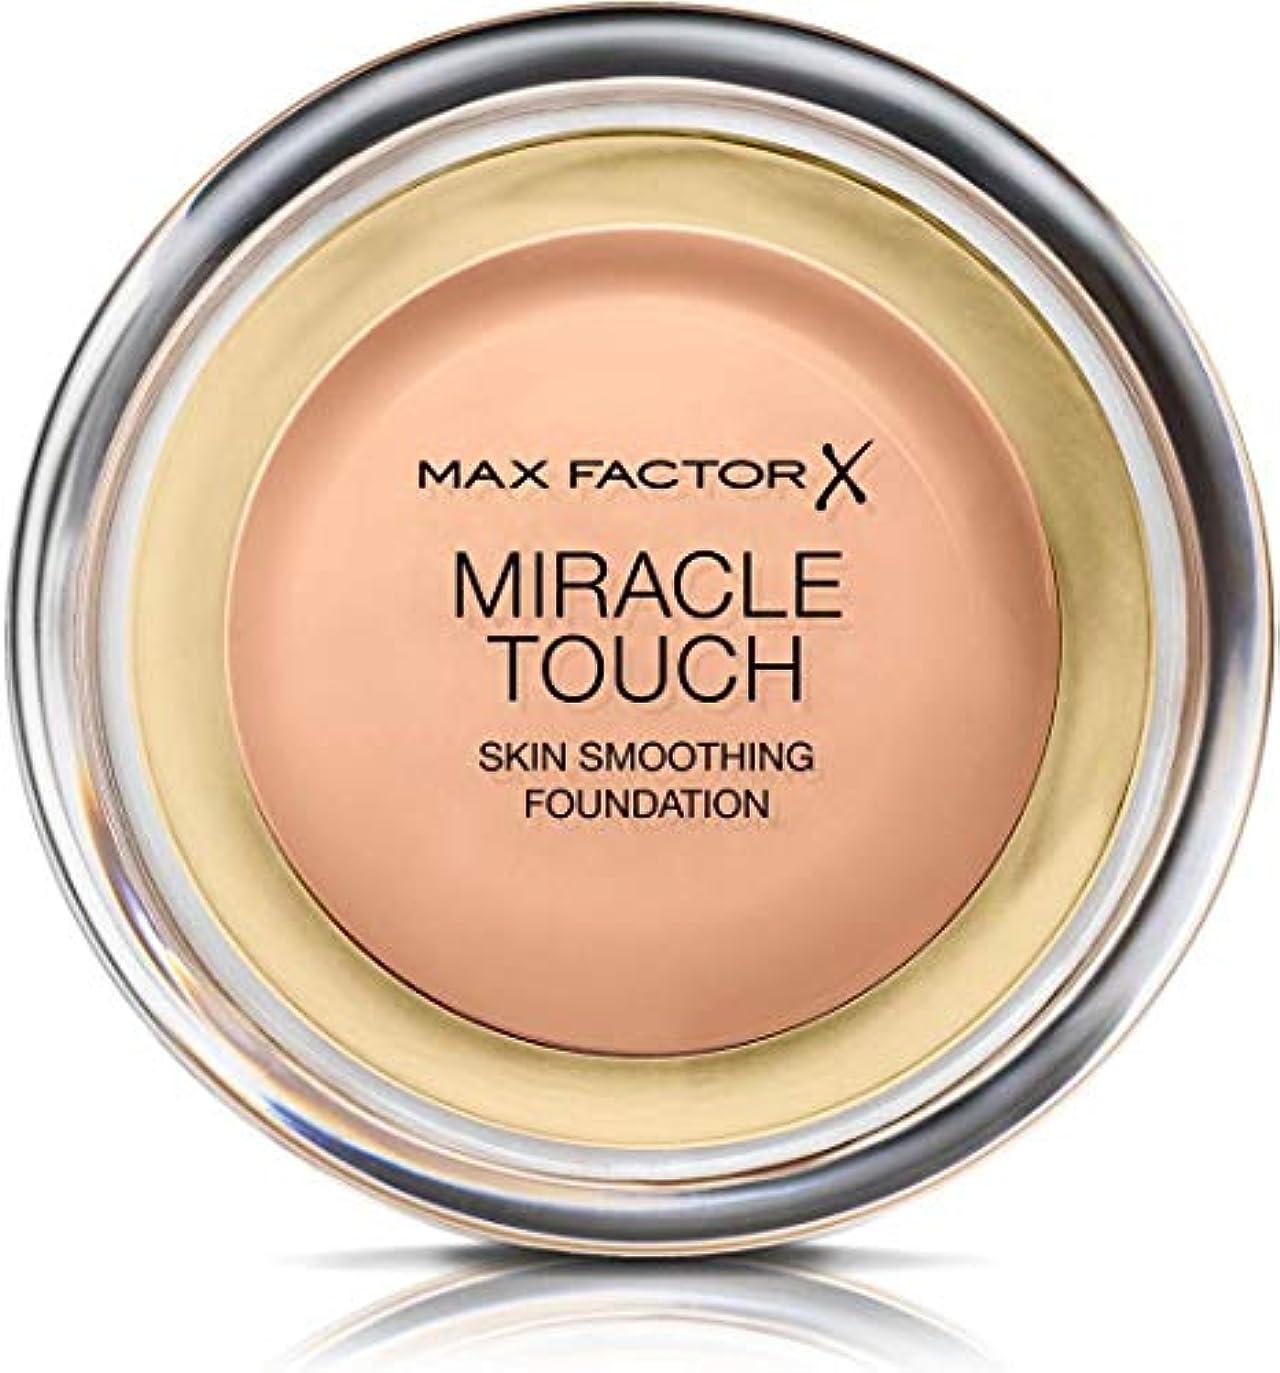 ボーダーゴール実験的マックス ファクター ミラクル タッチ スキン スムーズ ファウンデーション - ローズ ベージュ Max Factor Miracle Touch Skin Smoothing Foundation - Rose Beige...